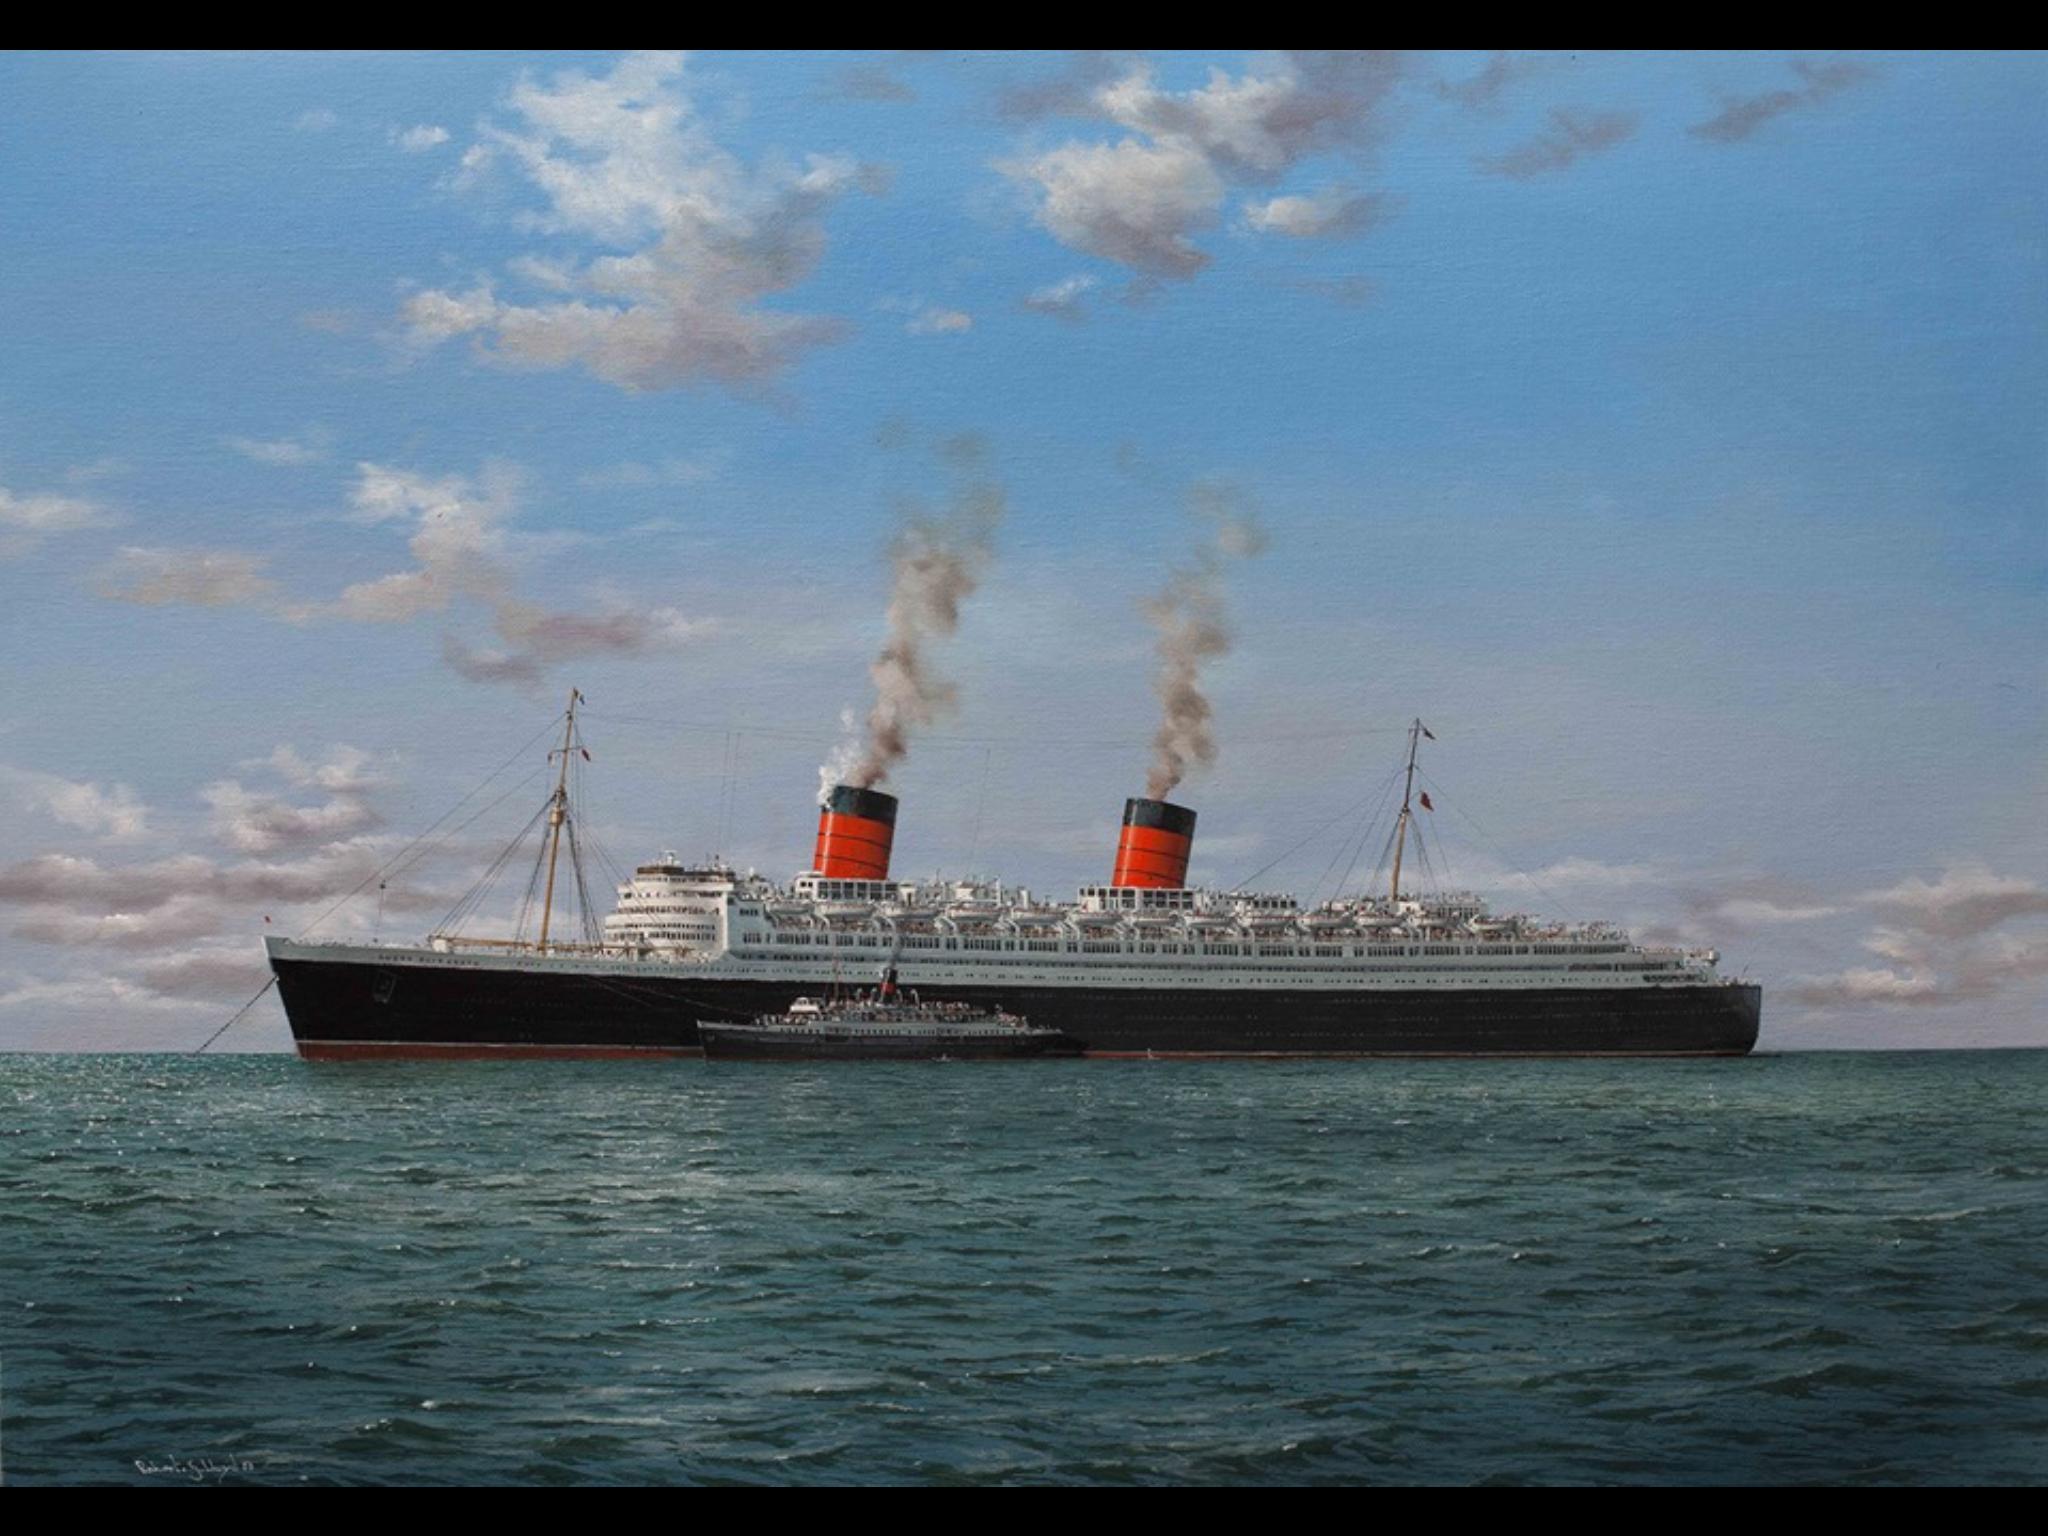 Pin By Uss Emanuel On Cunard Queen Elizabeth Cunard Cruise Cunard Queen Elizabeth Ship Breaking